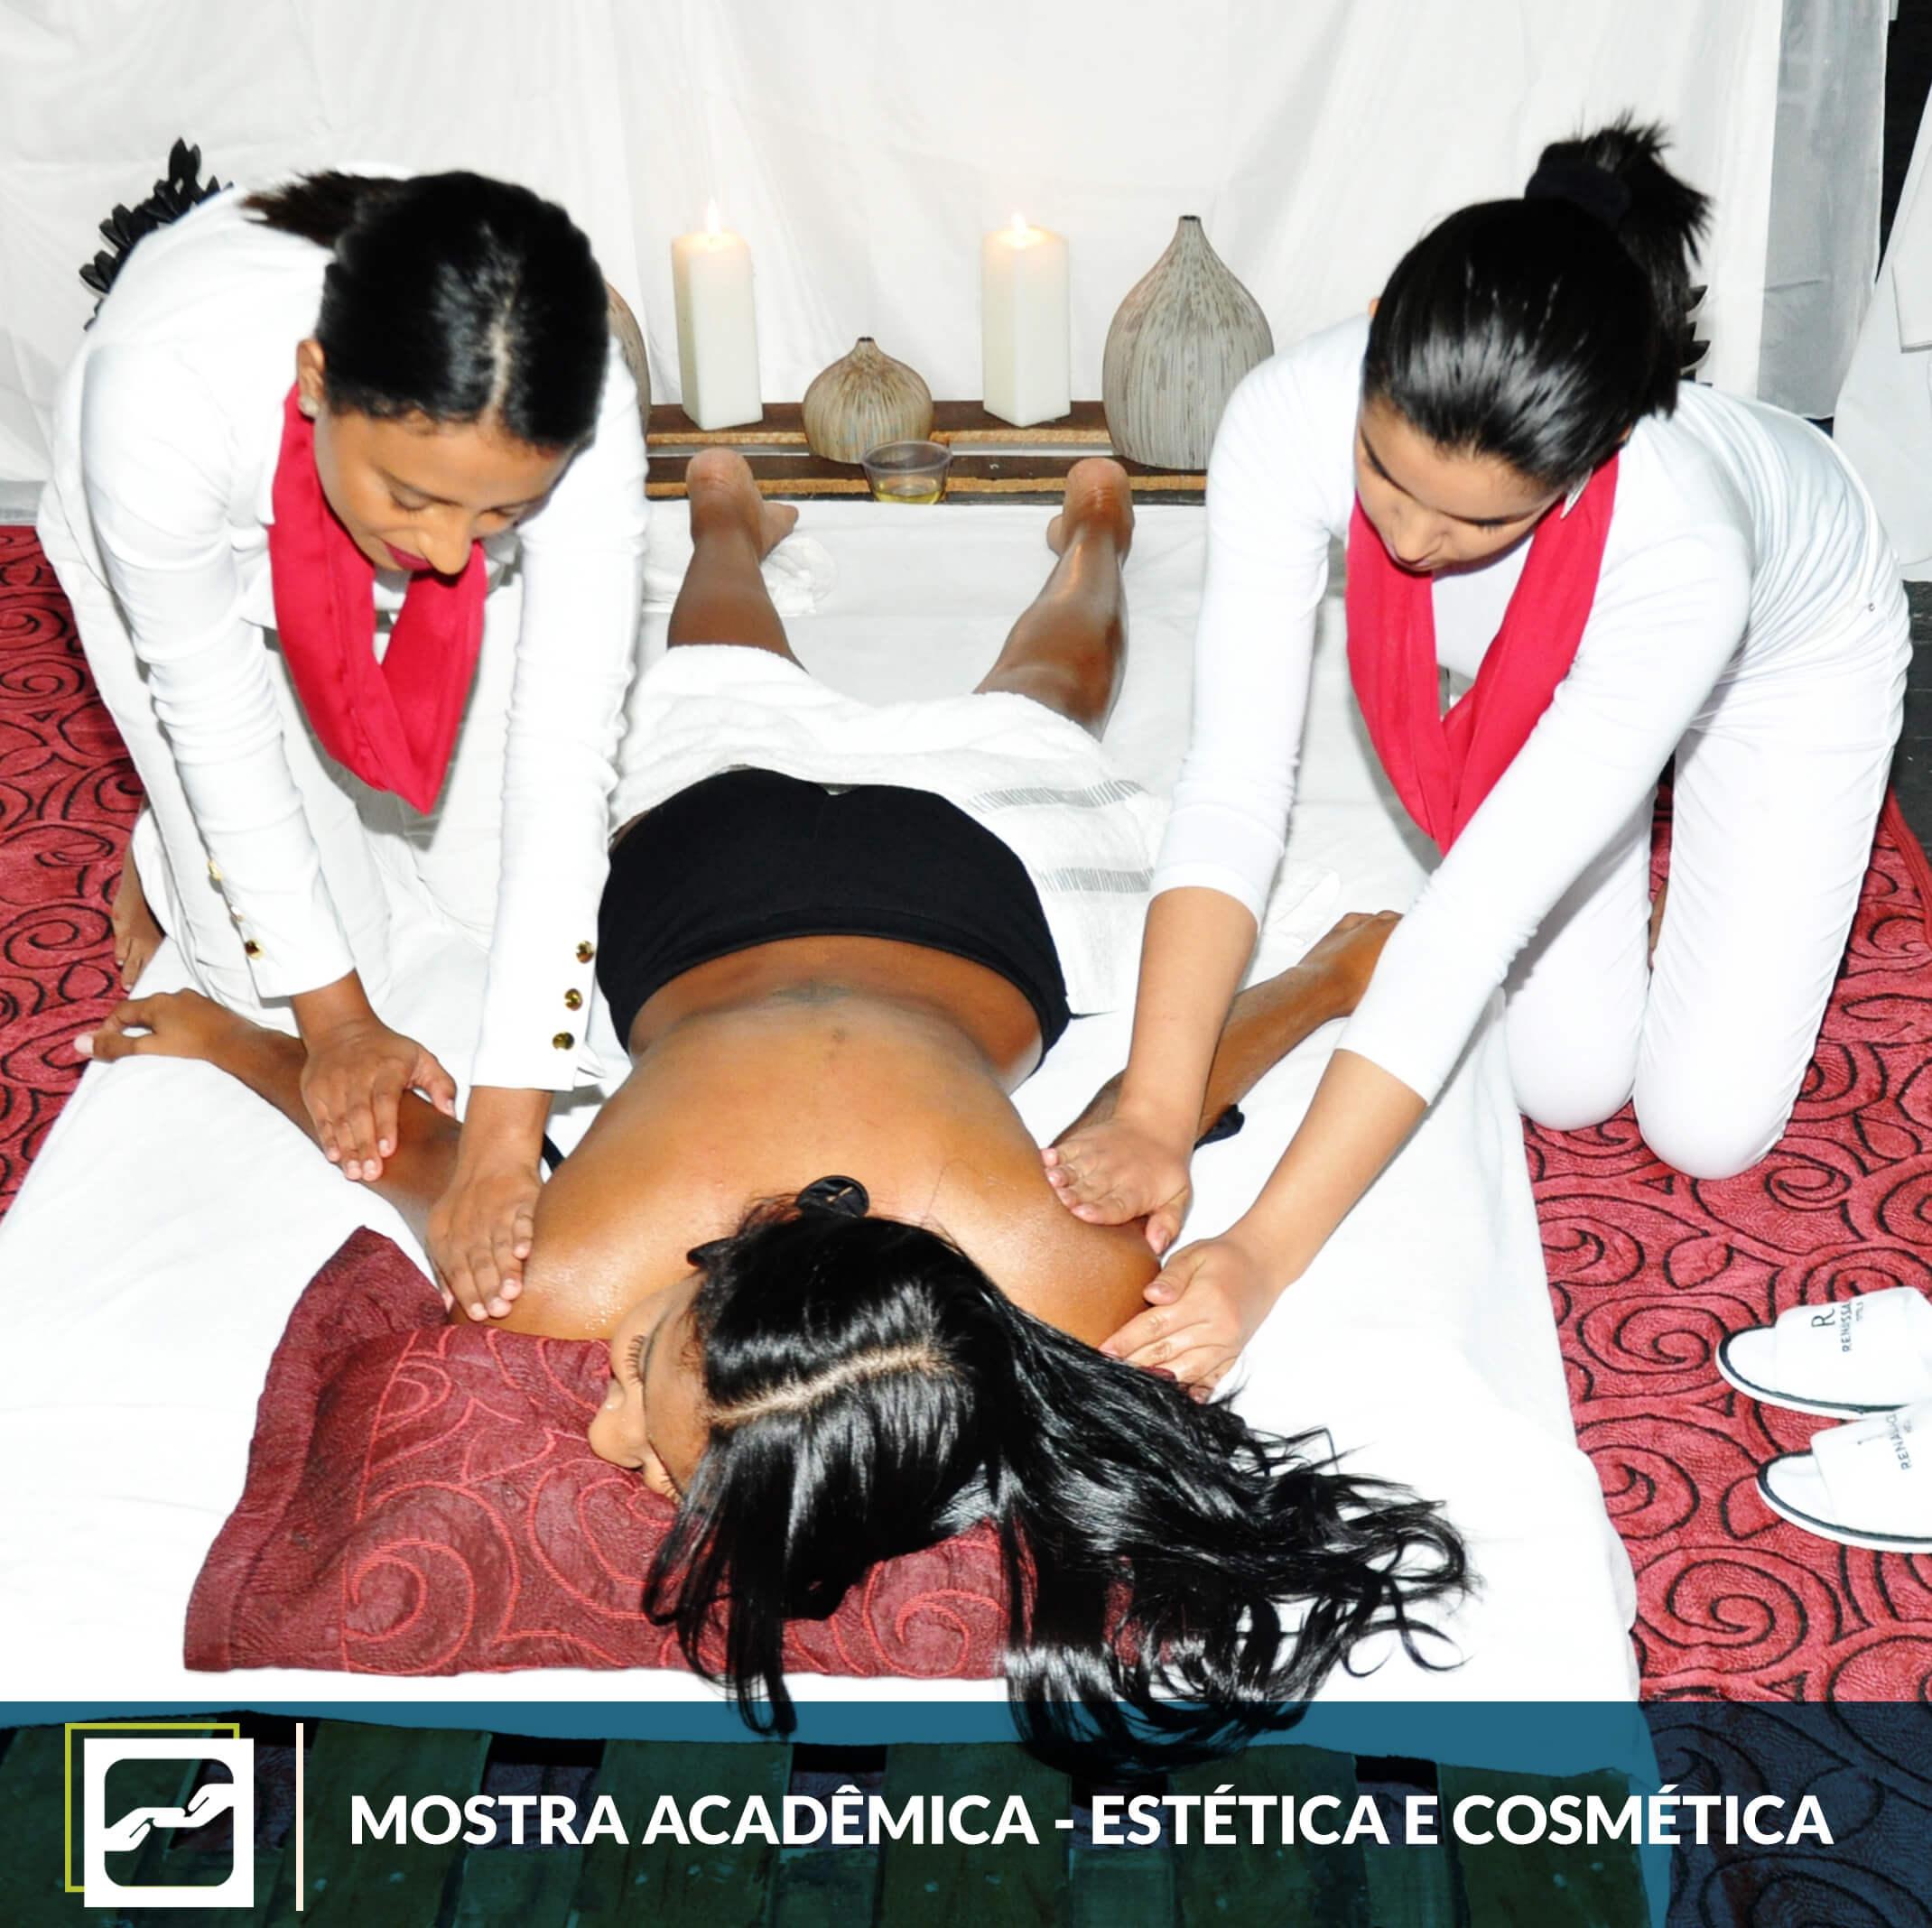 mostra-academia-estetica-cosmetica-famesp-32